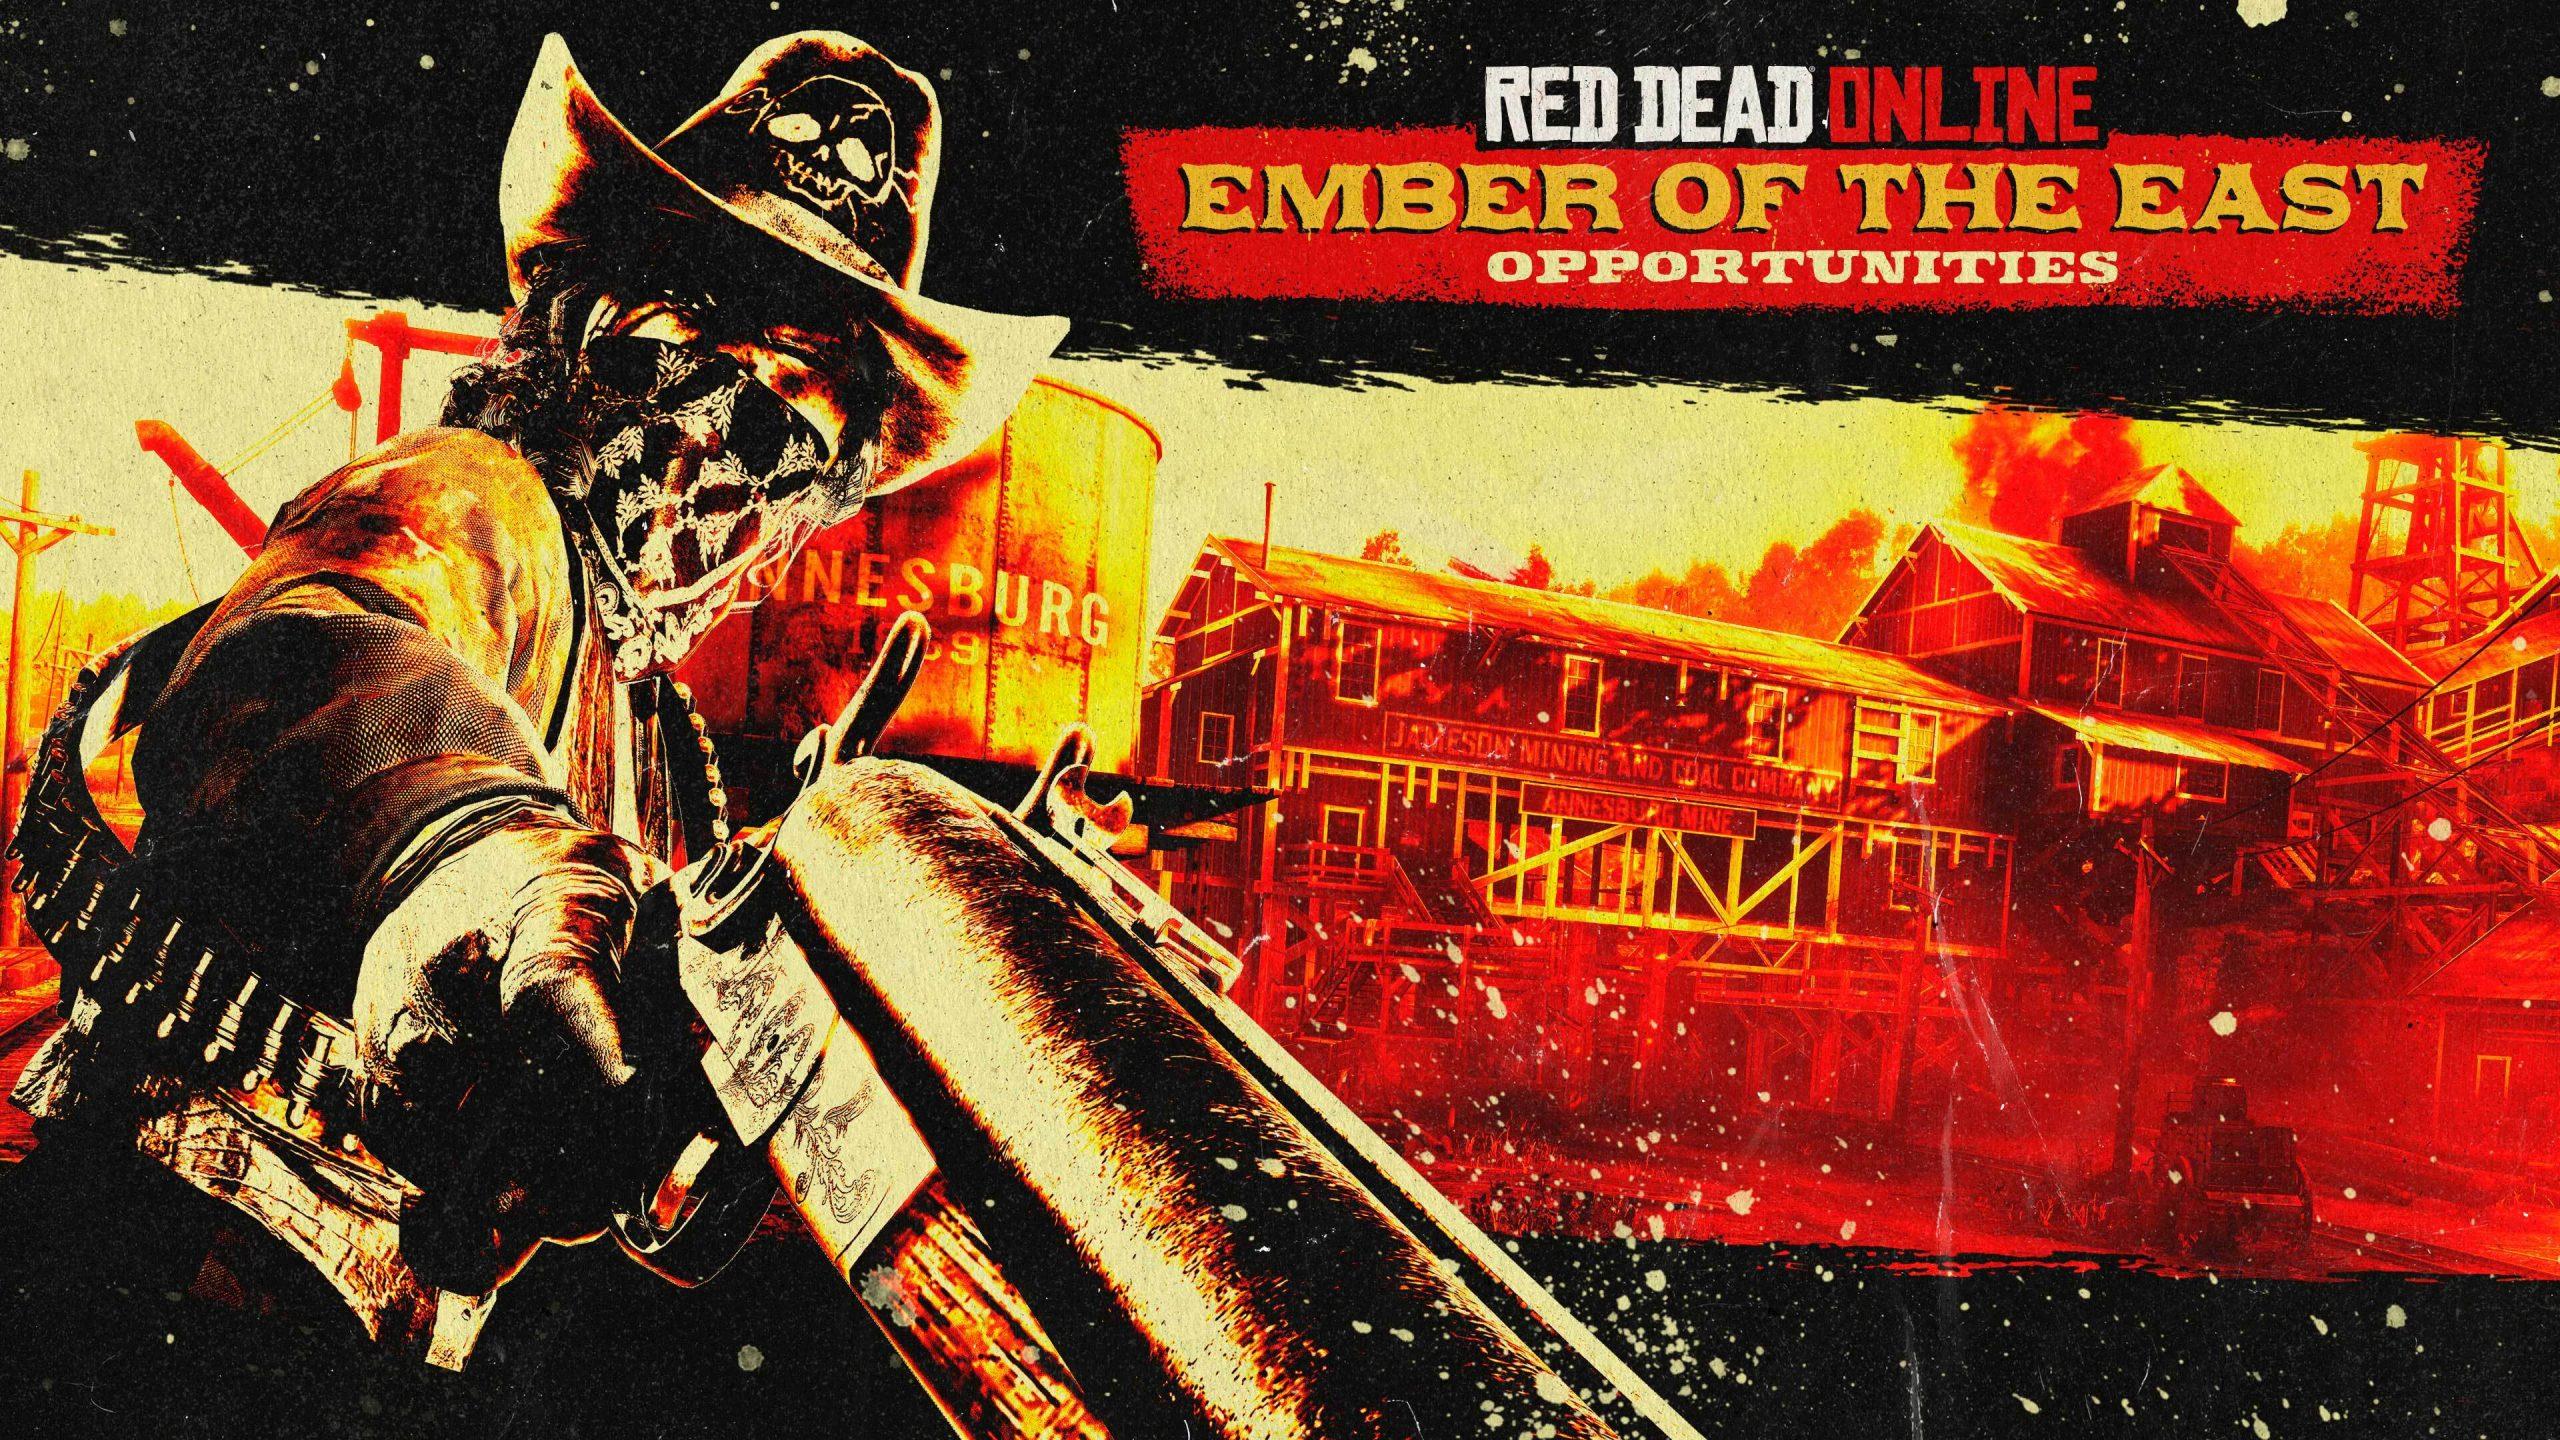 L'opportunité « braise de l'Est » est disponible dans Red Dead Online